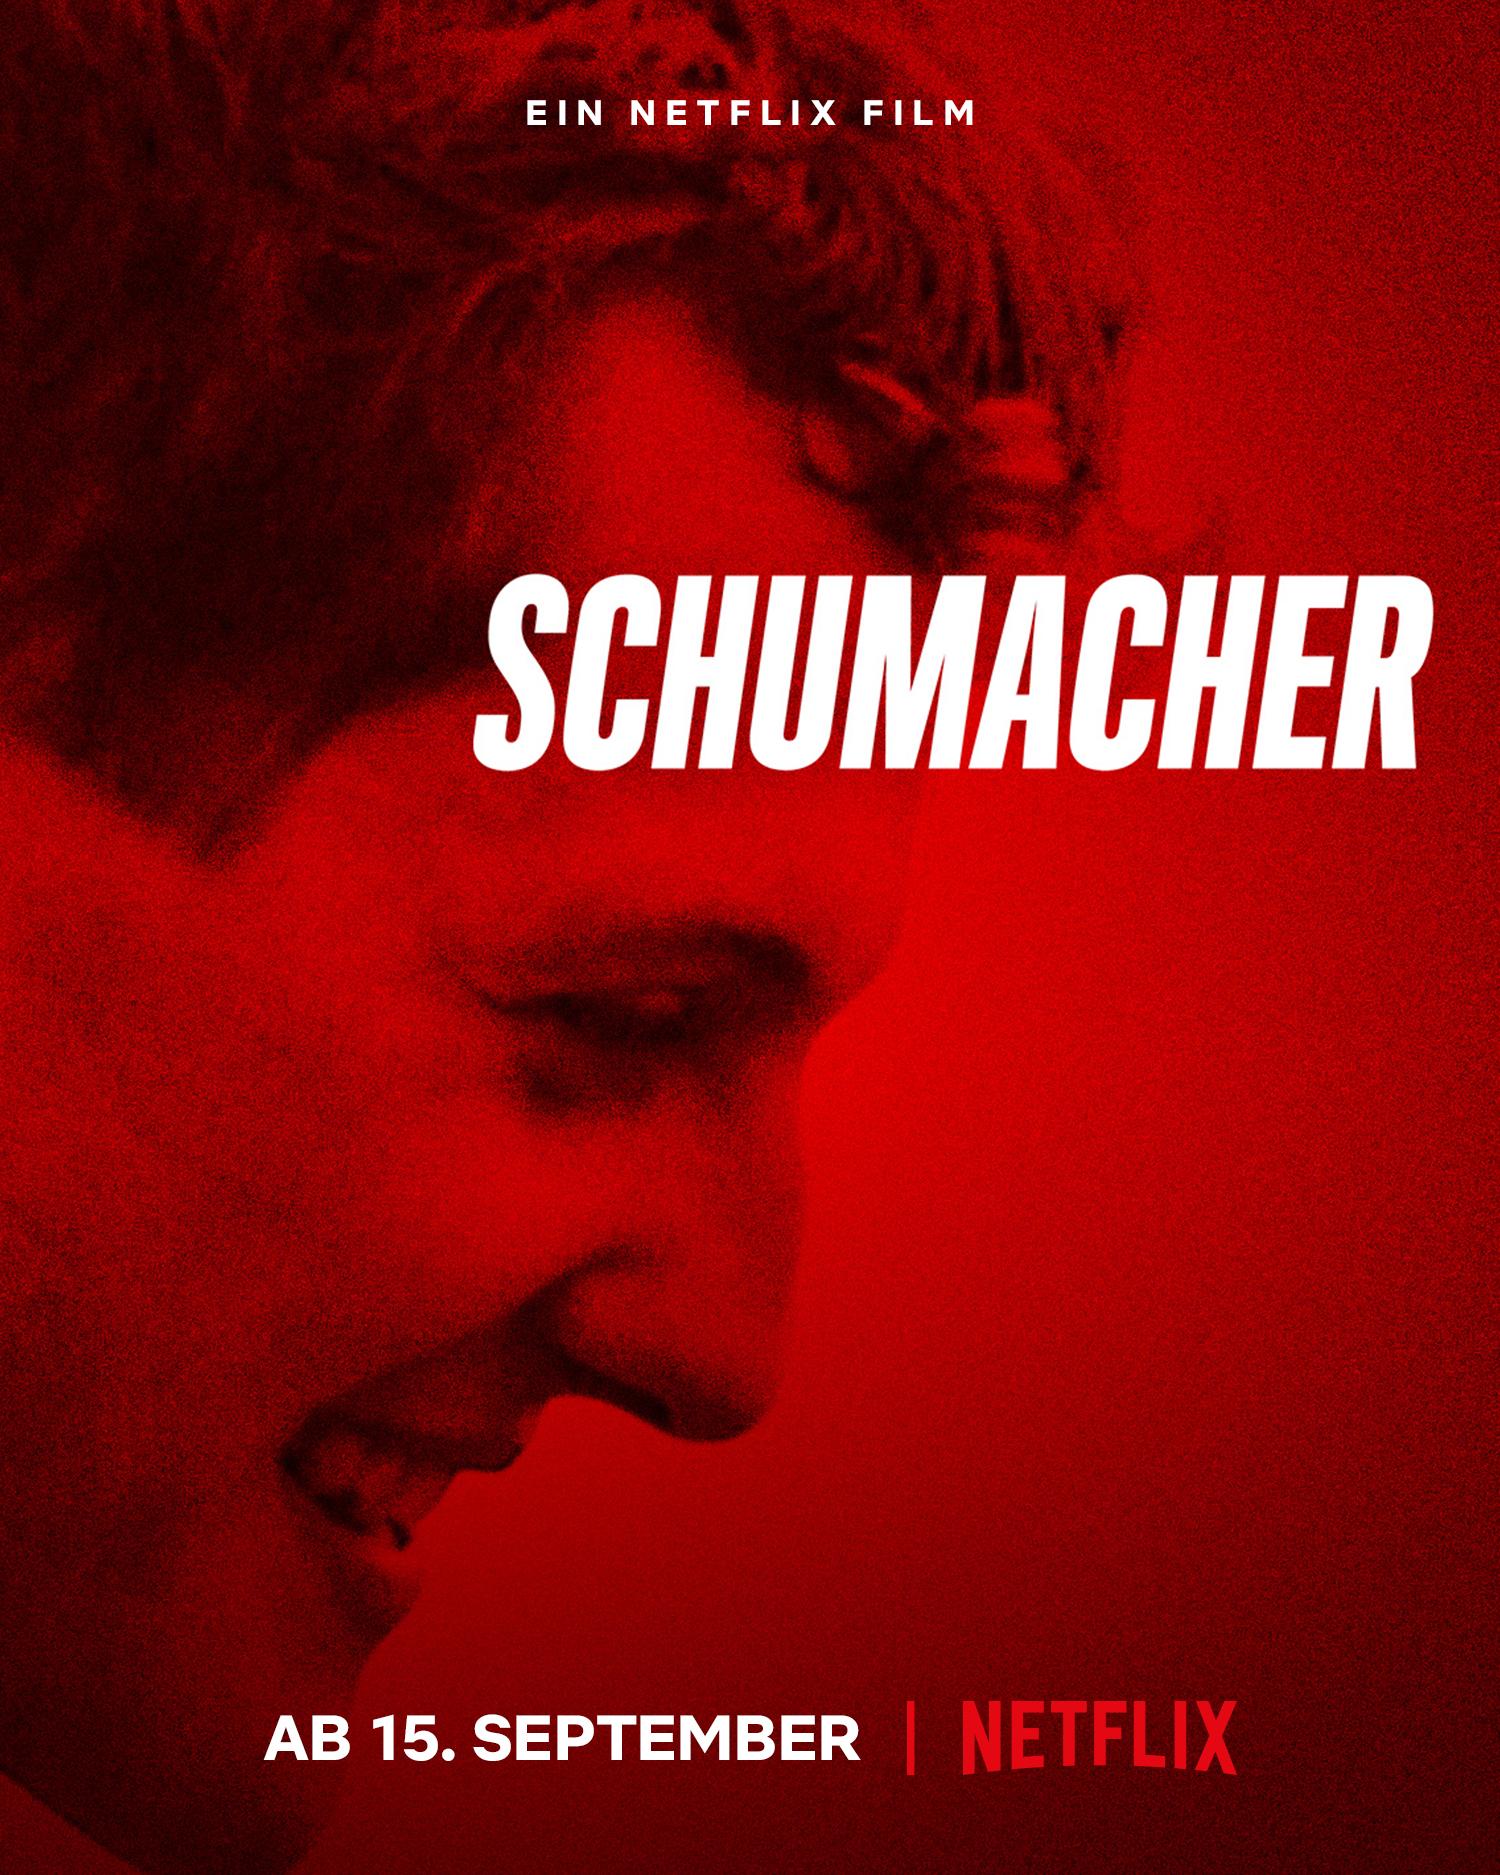 Free Download Schumacher Full Movie